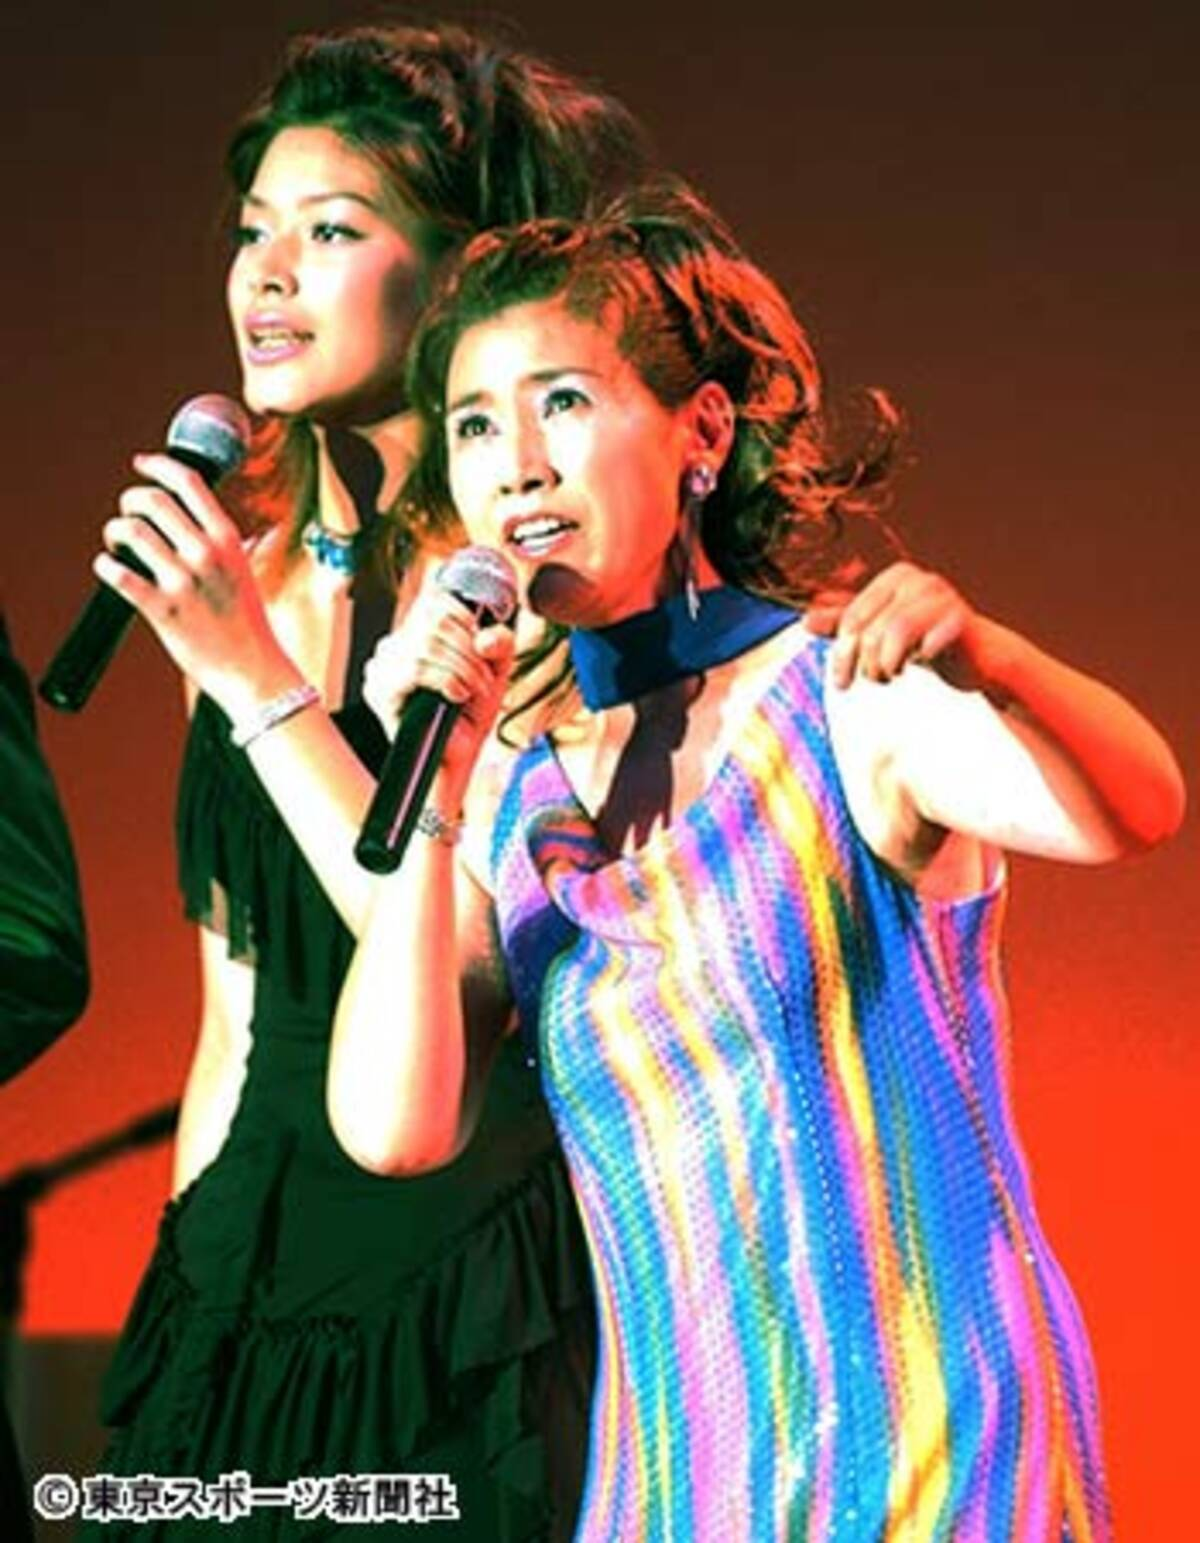 沢田亜矢子 ヌード流出、隠し子騒動振り返り「自分が正しいって思う ...